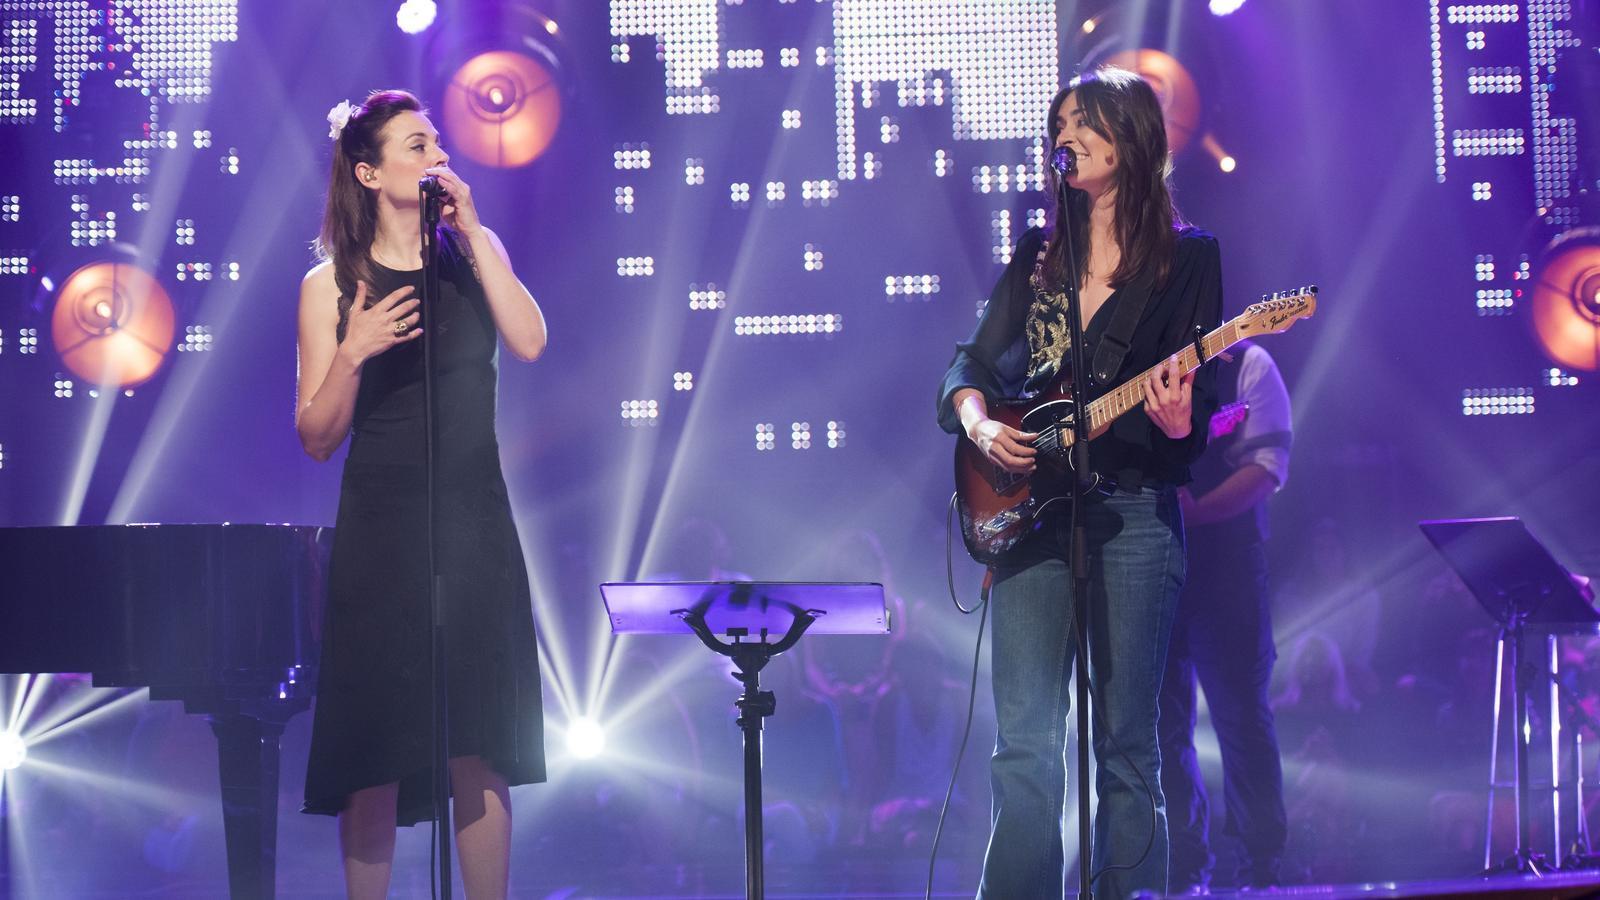 La televisió obre escletxes a la música en directe